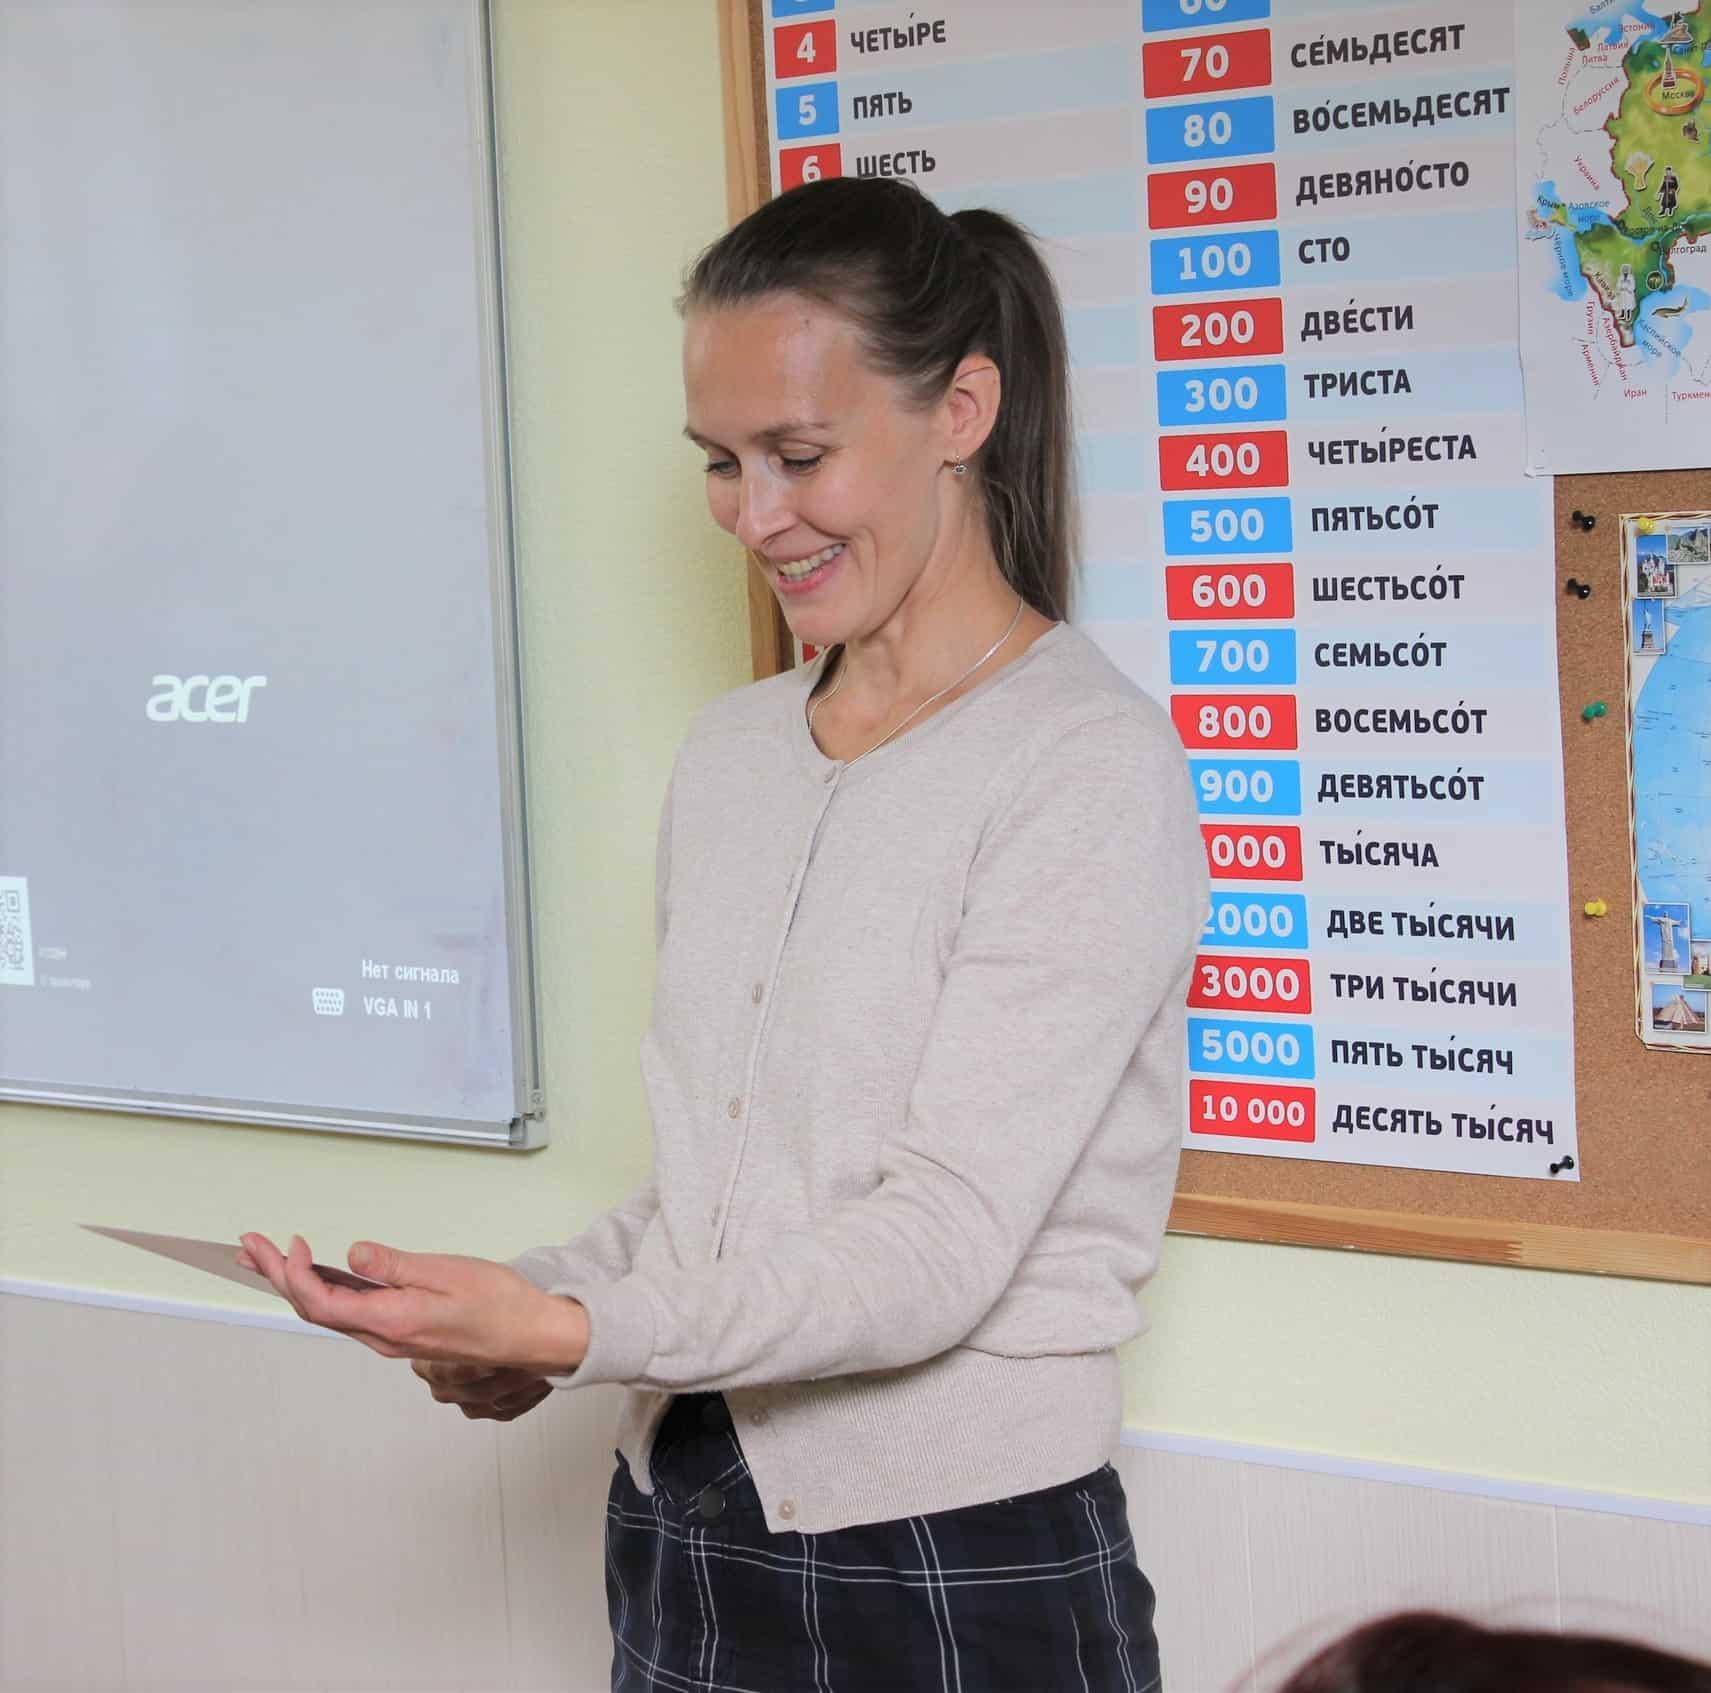 Курсы финского языка в санкт-петербурге, бесплатно курсы финского для начинающих в спб